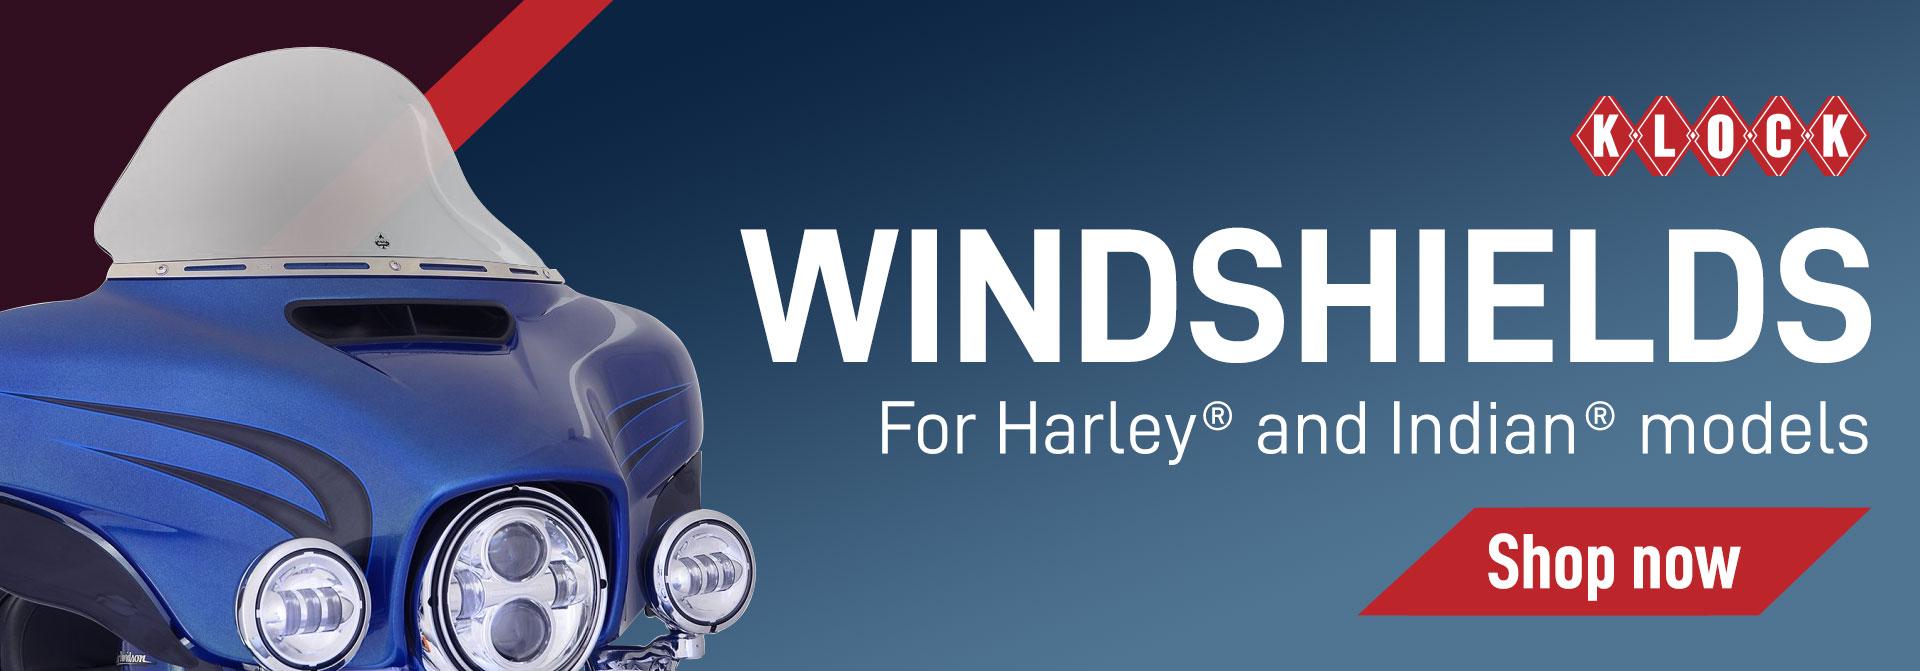 billetproofdesign.com-slider-klock-werks-windshields-for-harley-and-indian-2.jpg